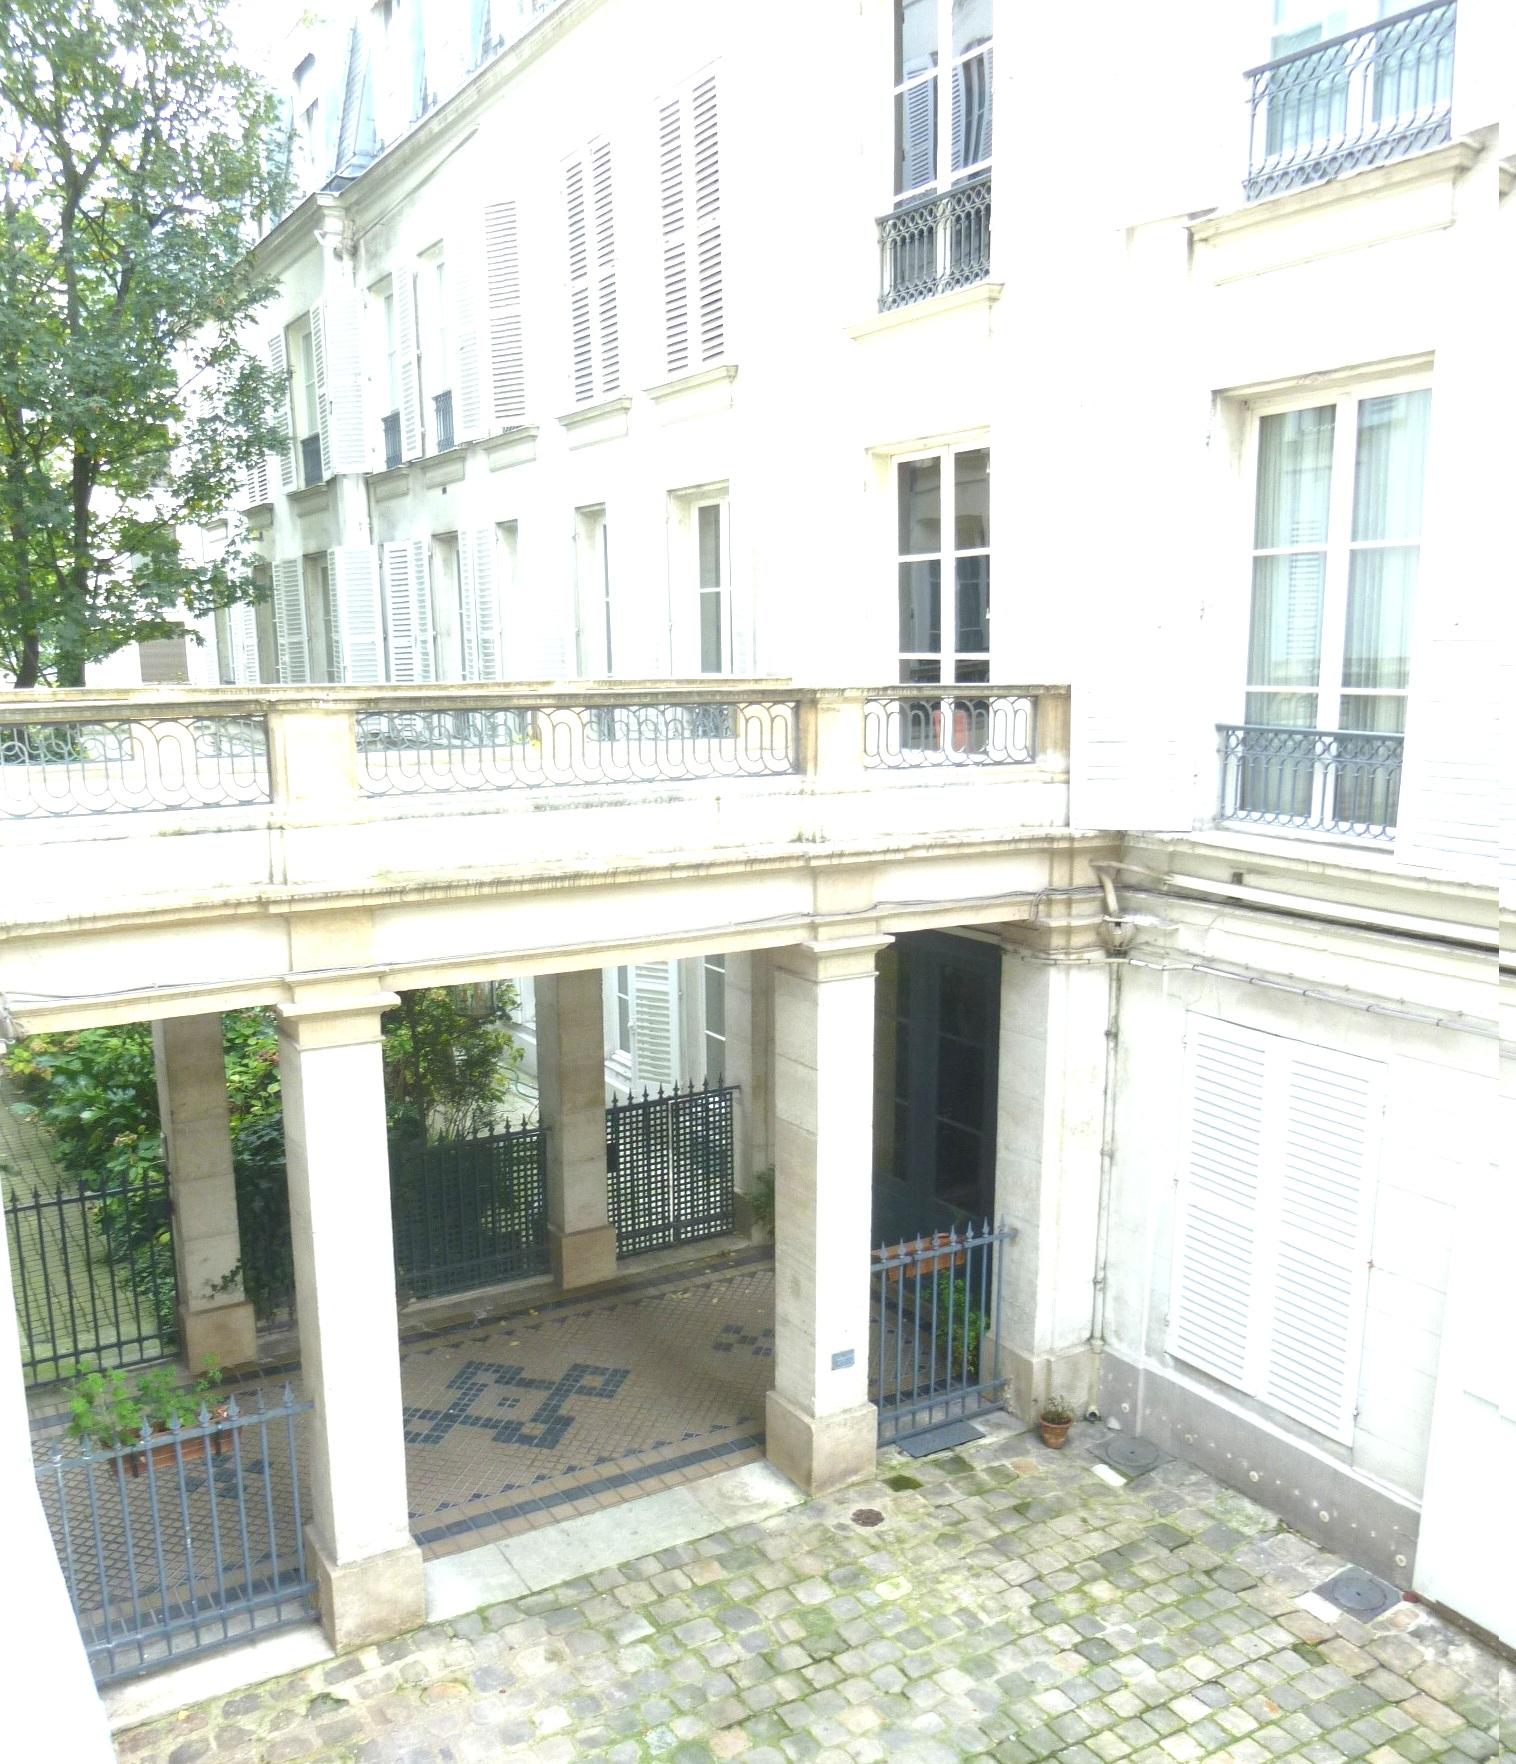 Salons-de-la-rue-de-Bourgogne-Pour-vous-les-prince